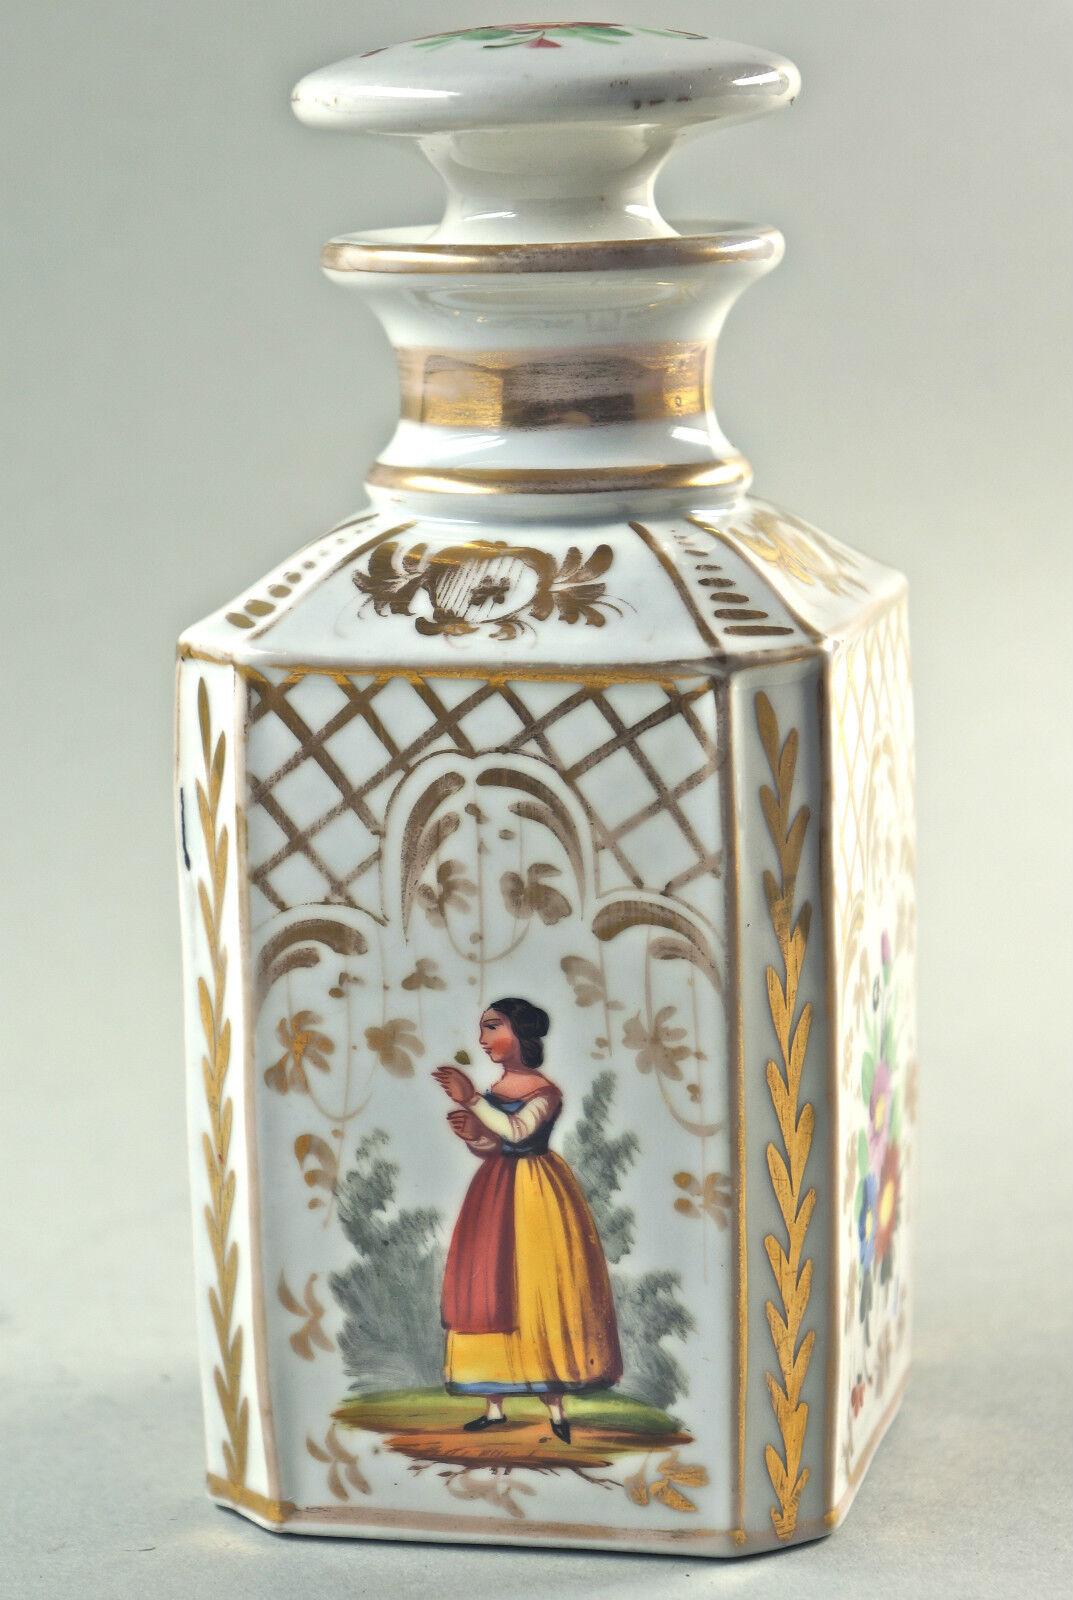 Belle ancienne boite thé, porcelaine carafe, florales décor, peintes à la main, Chartreuse.